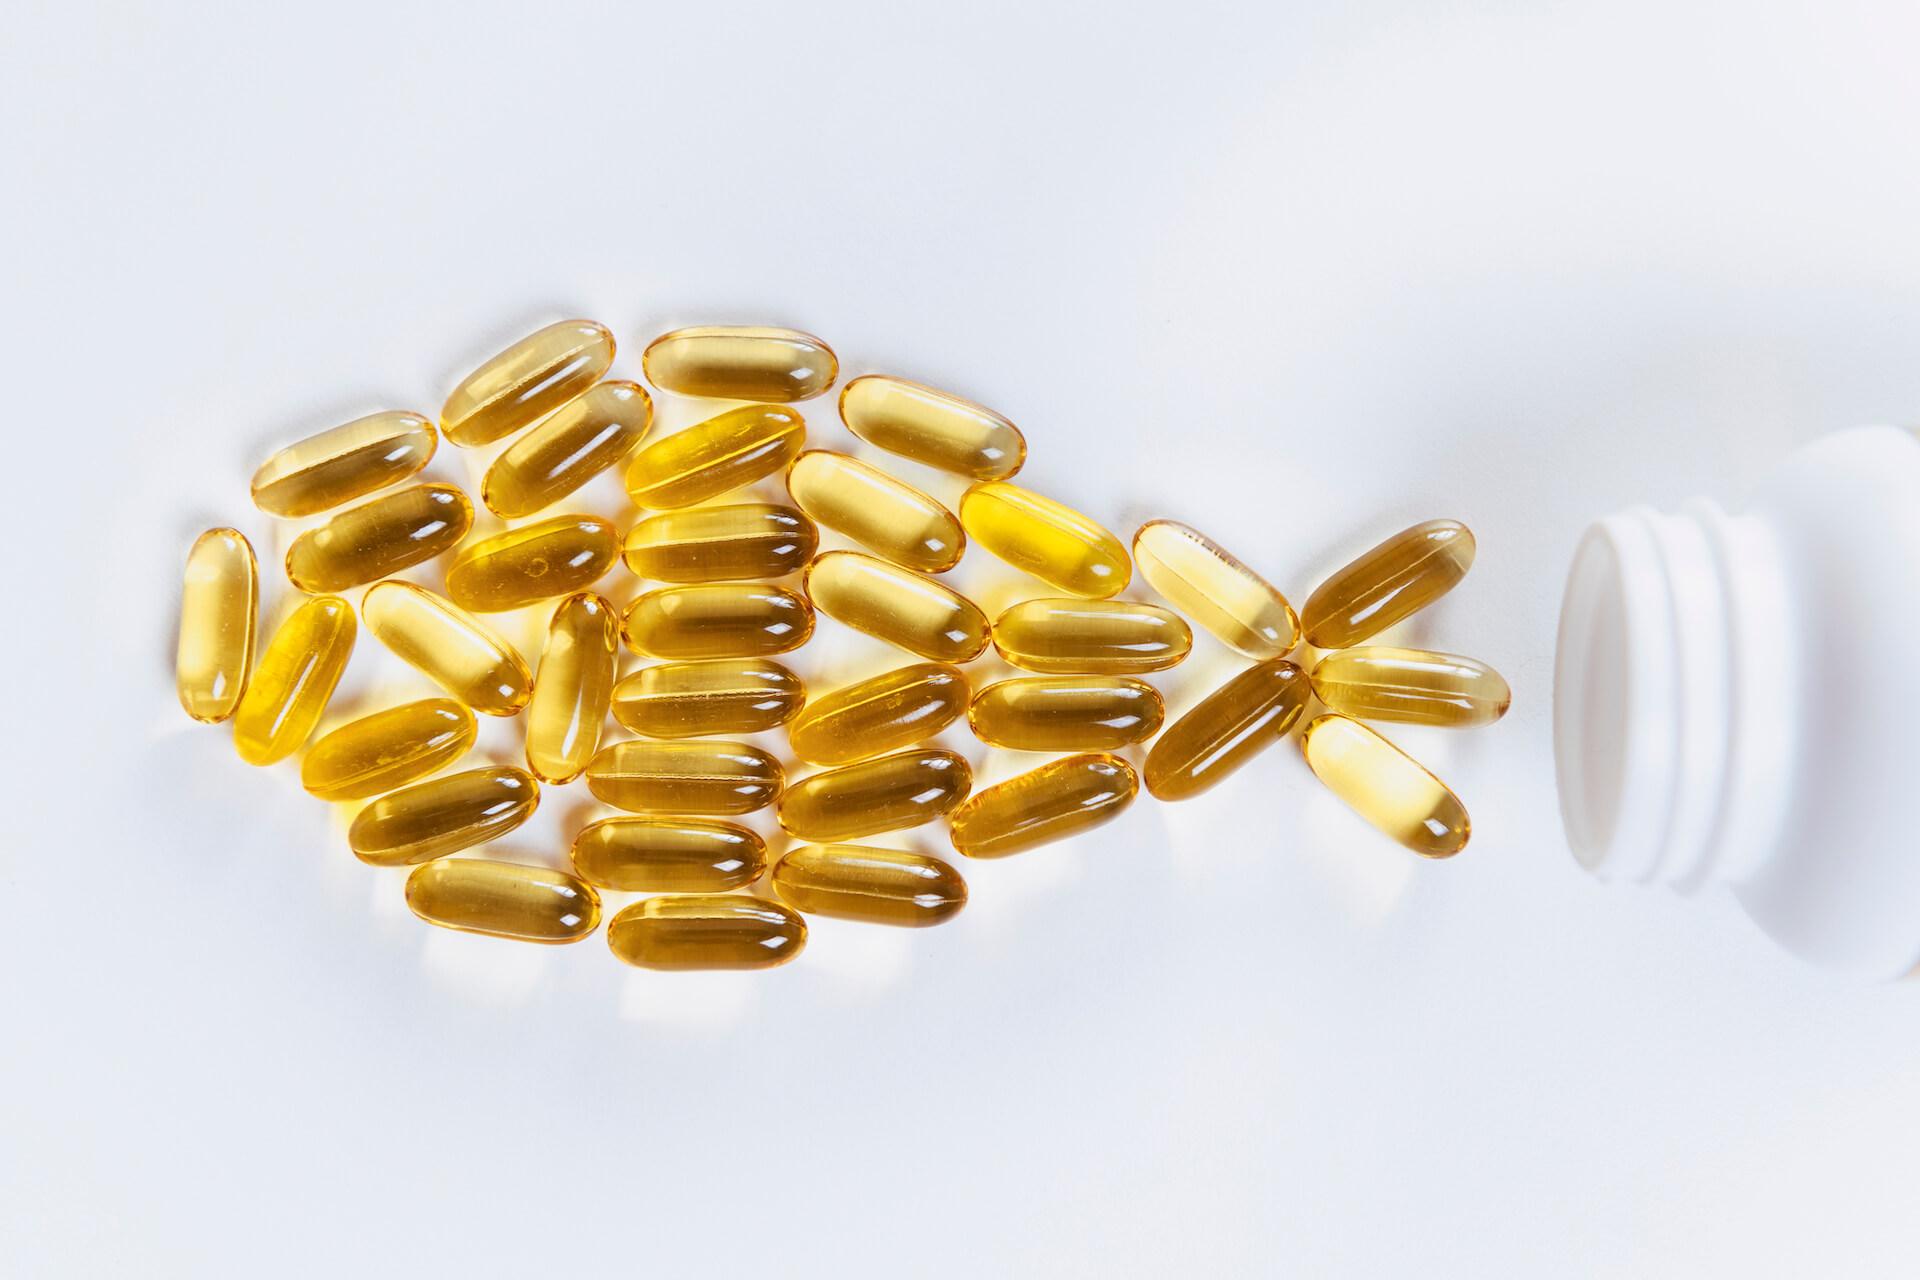 Fitosalus centar, fitoterapija, aromaterapija, prirodno liječenje, zdrava prehrana, omega 3